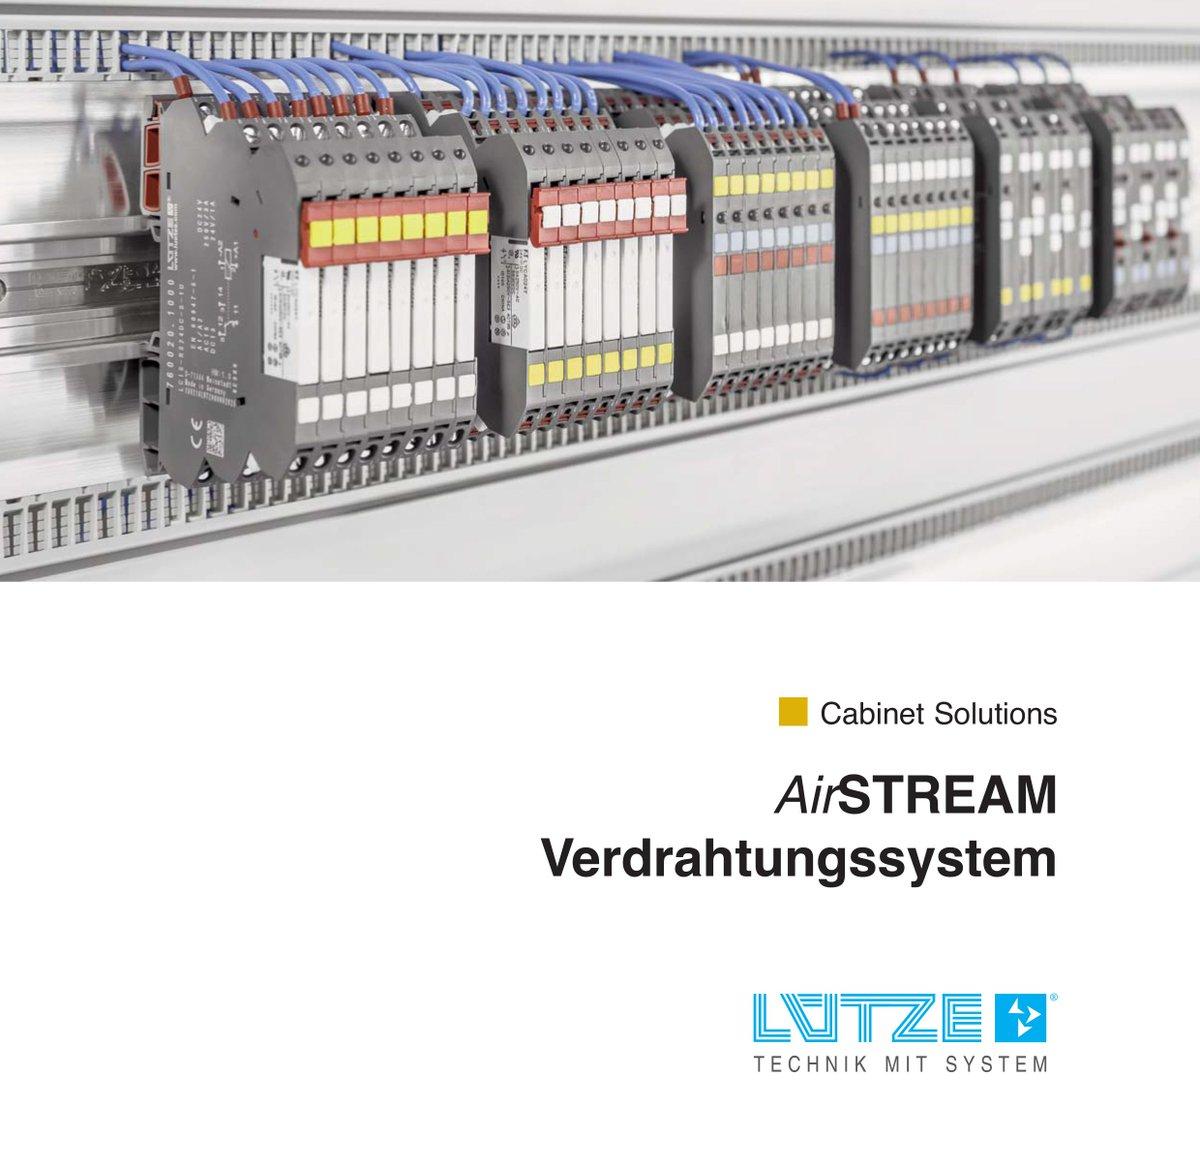 Schön Verdrahtungssystem Galerie - Der Schaltplan - triangre.info